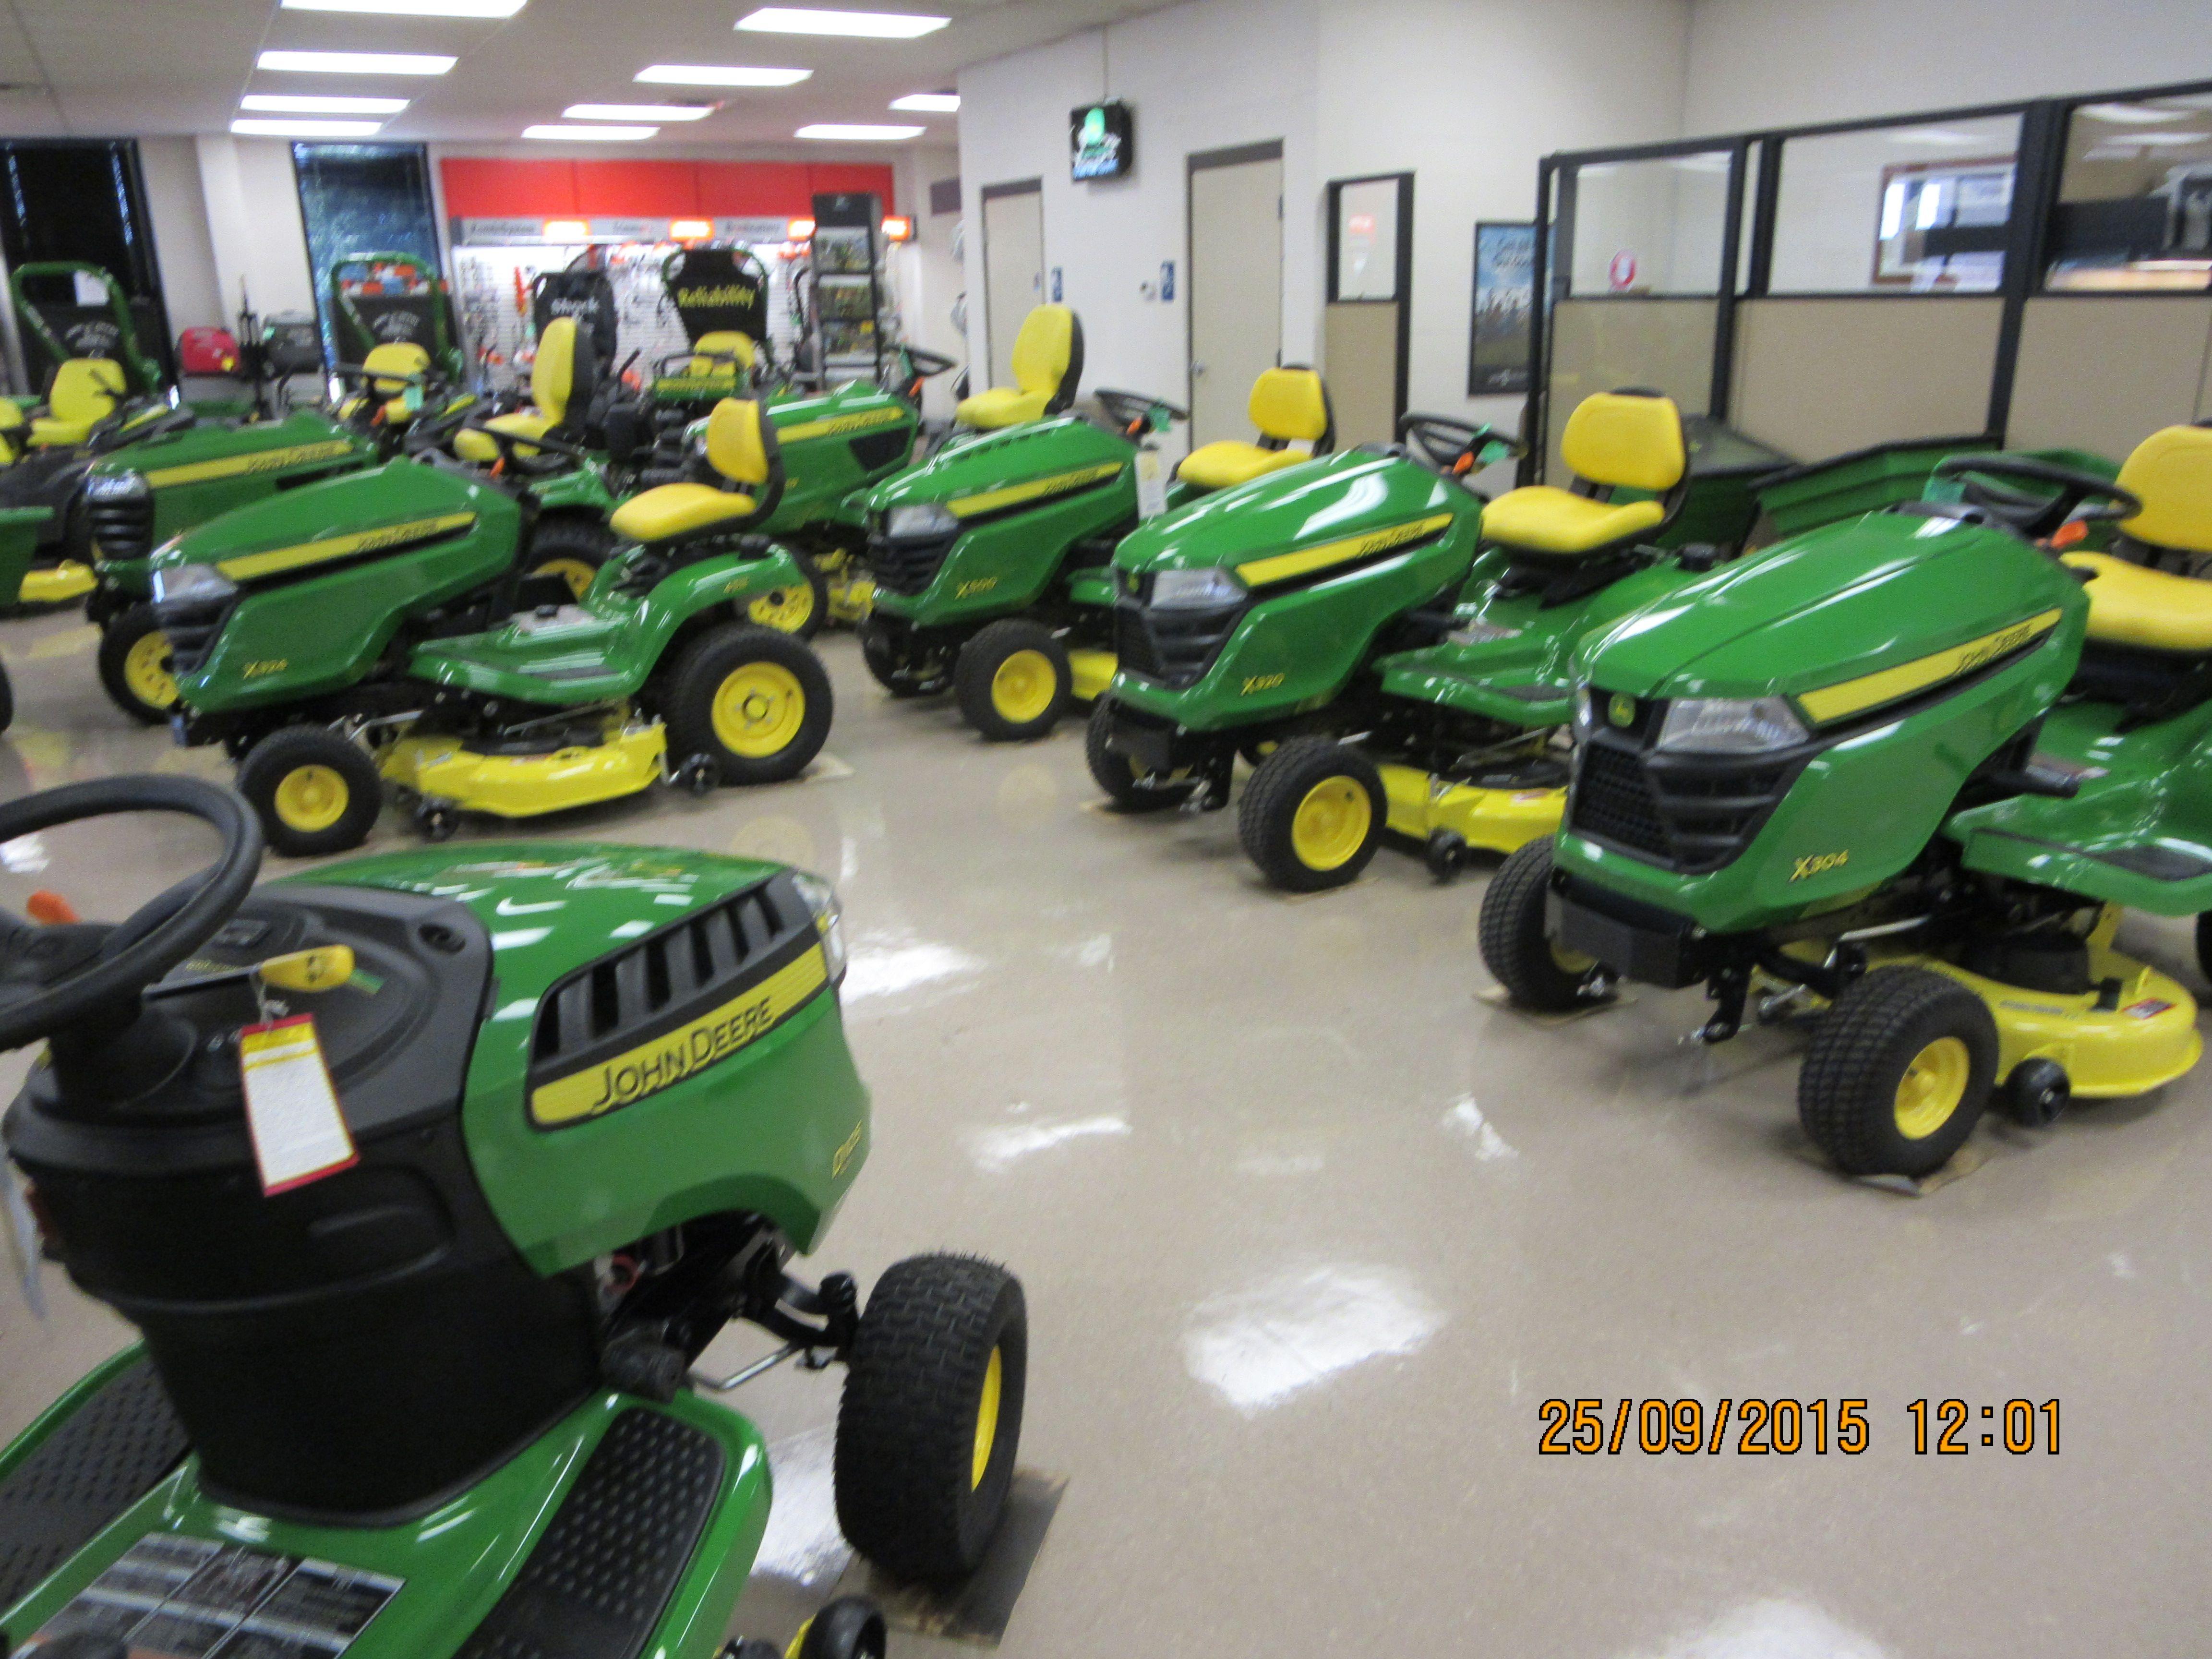 John Deere Lawn Tractor Equipment : John deere lawn and garden equipment ftempo